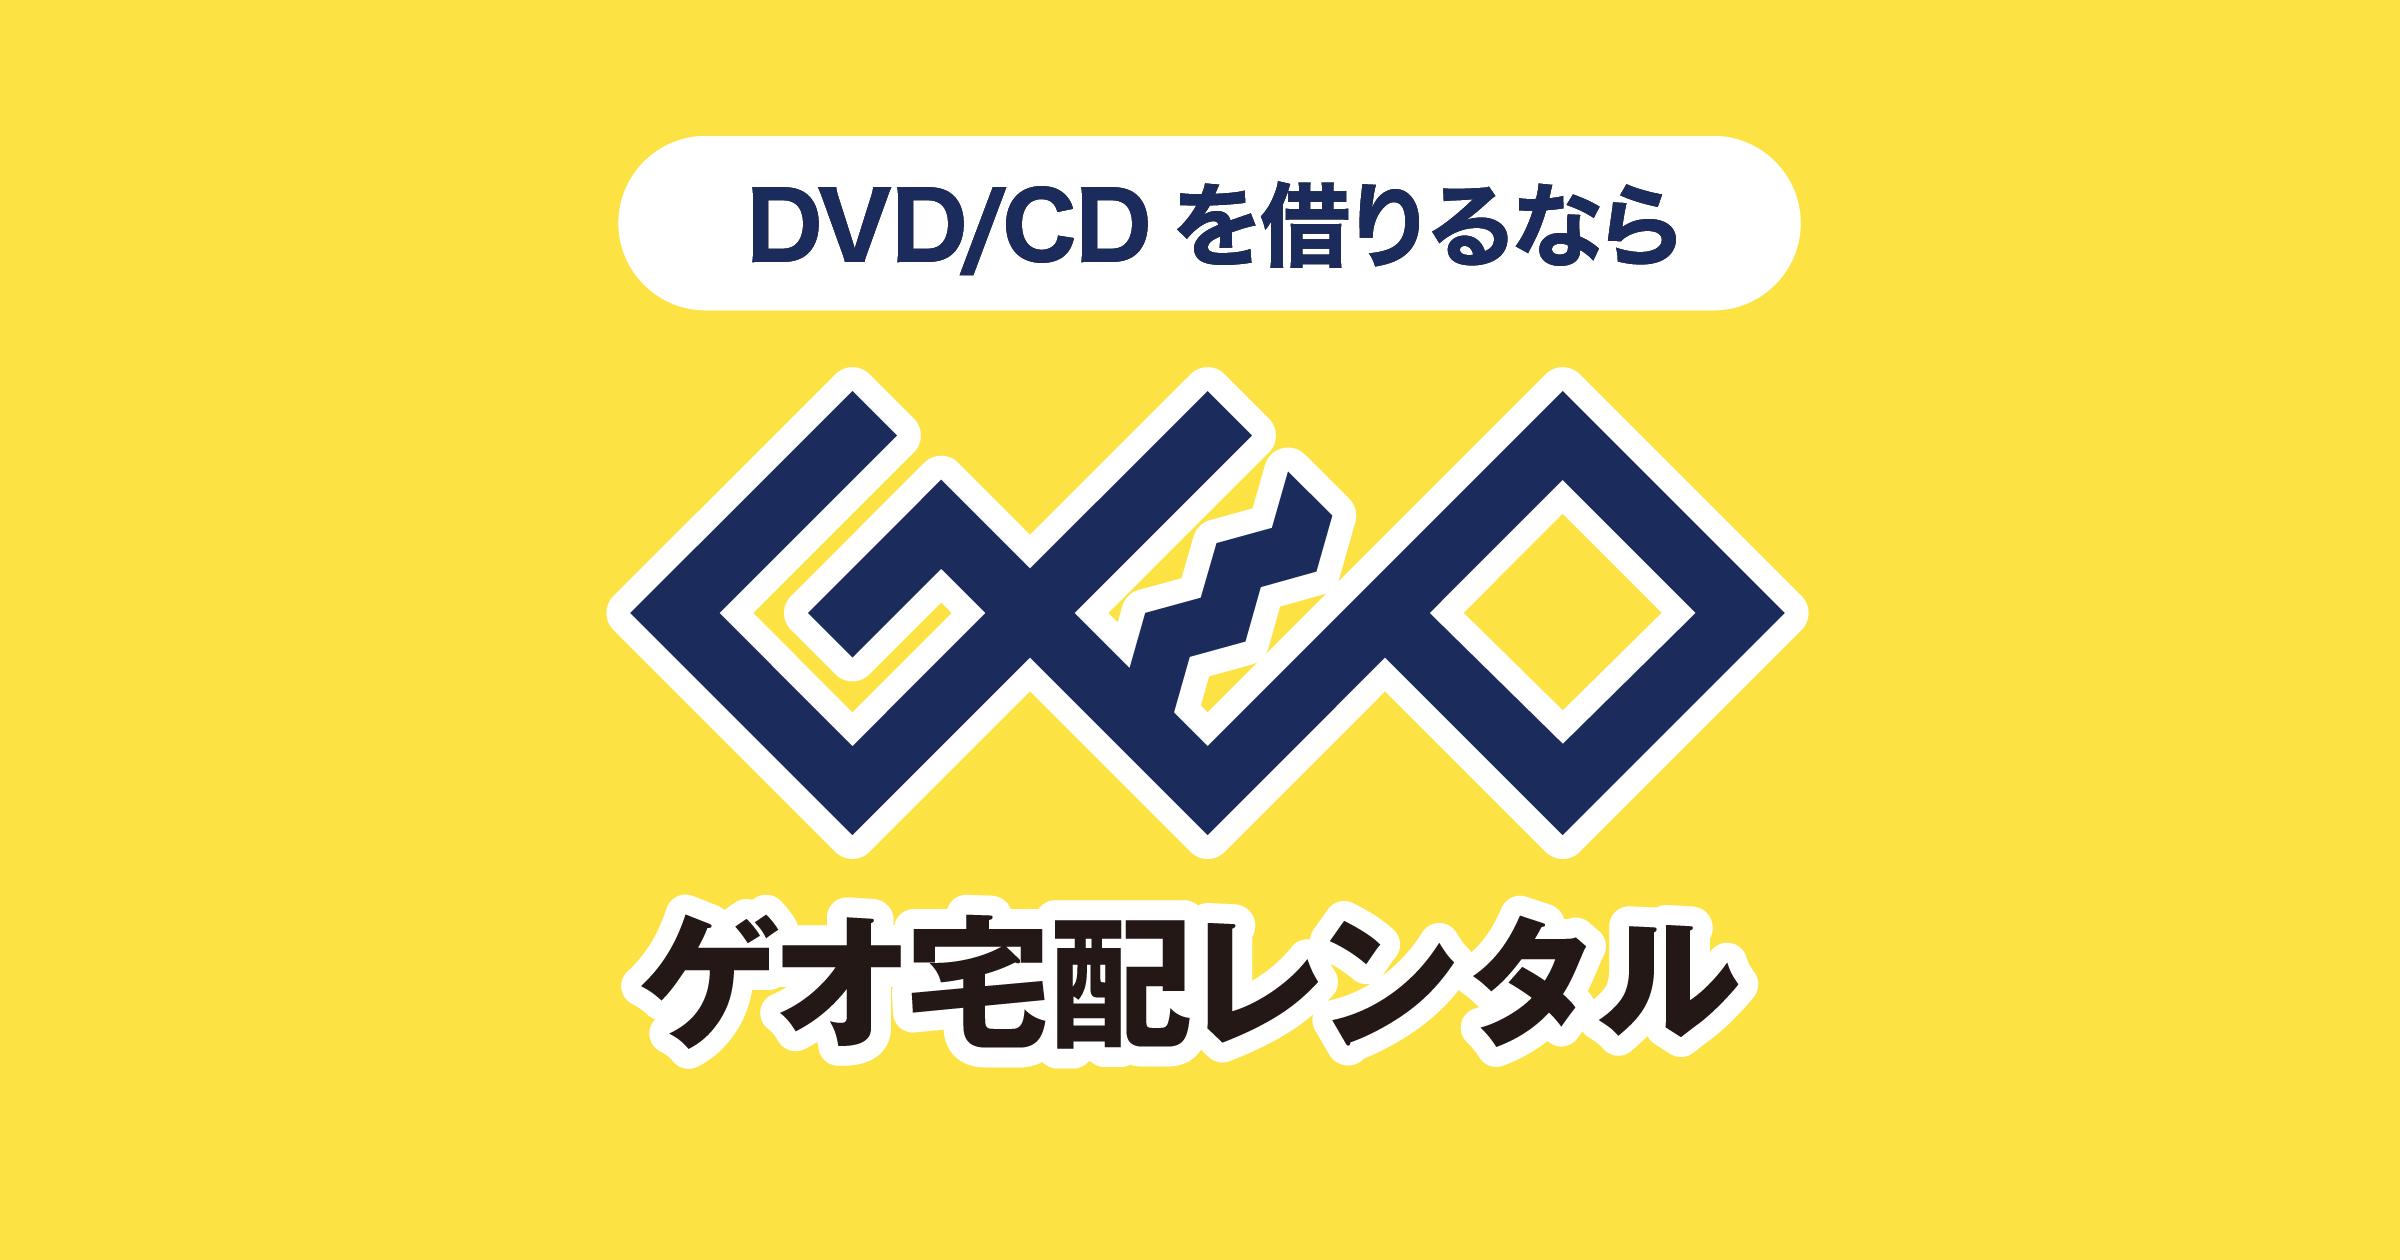 ゲオの宅配DVDレンタル(洋画・邦画・海外ドラマ) | 映画の宅配DVDレンタルならGEO